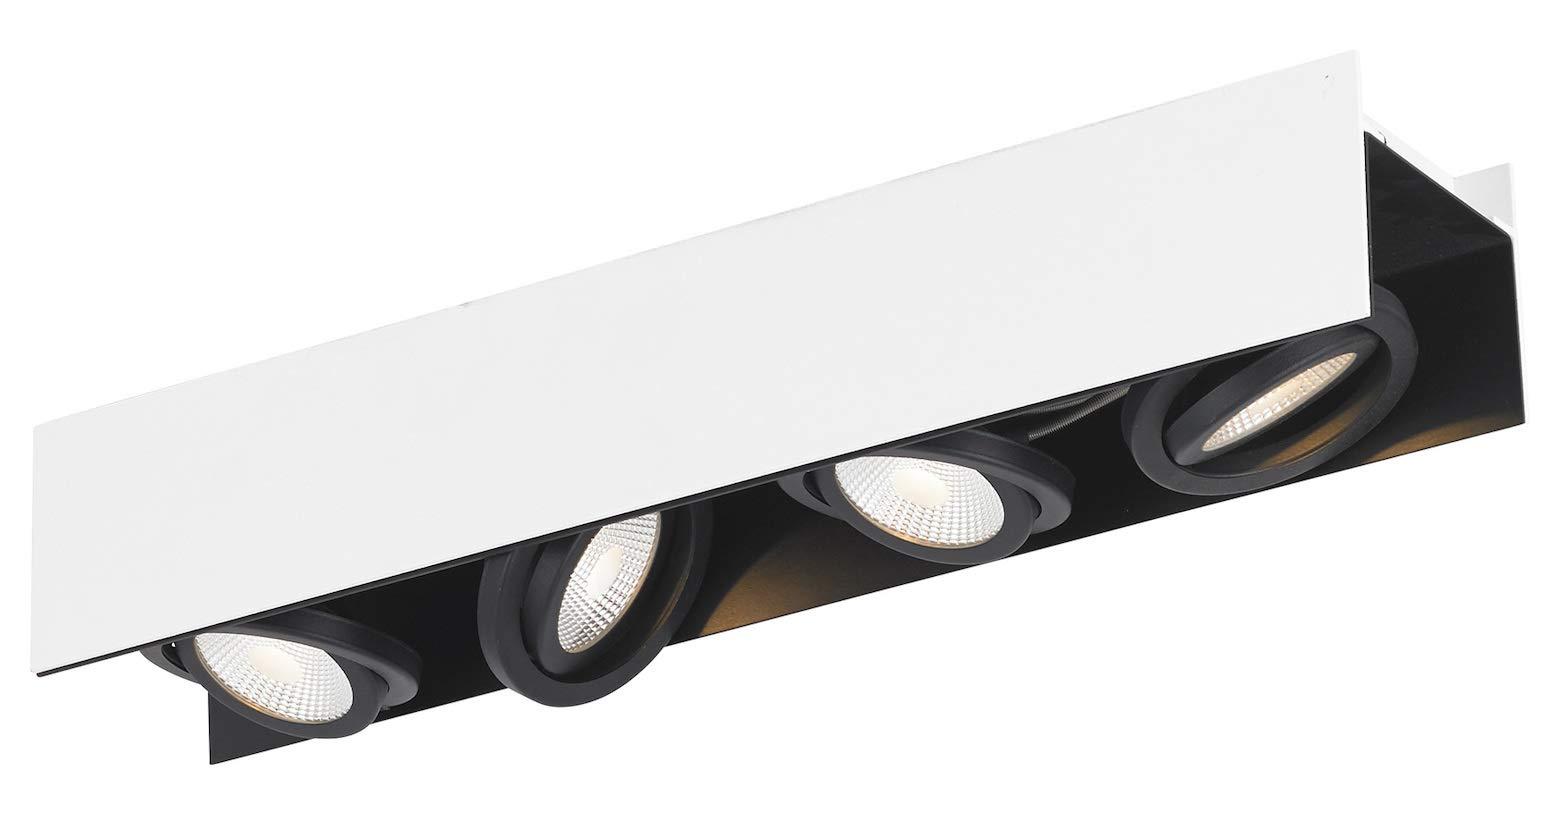 Vidago 4-Light Track Light in Black/White